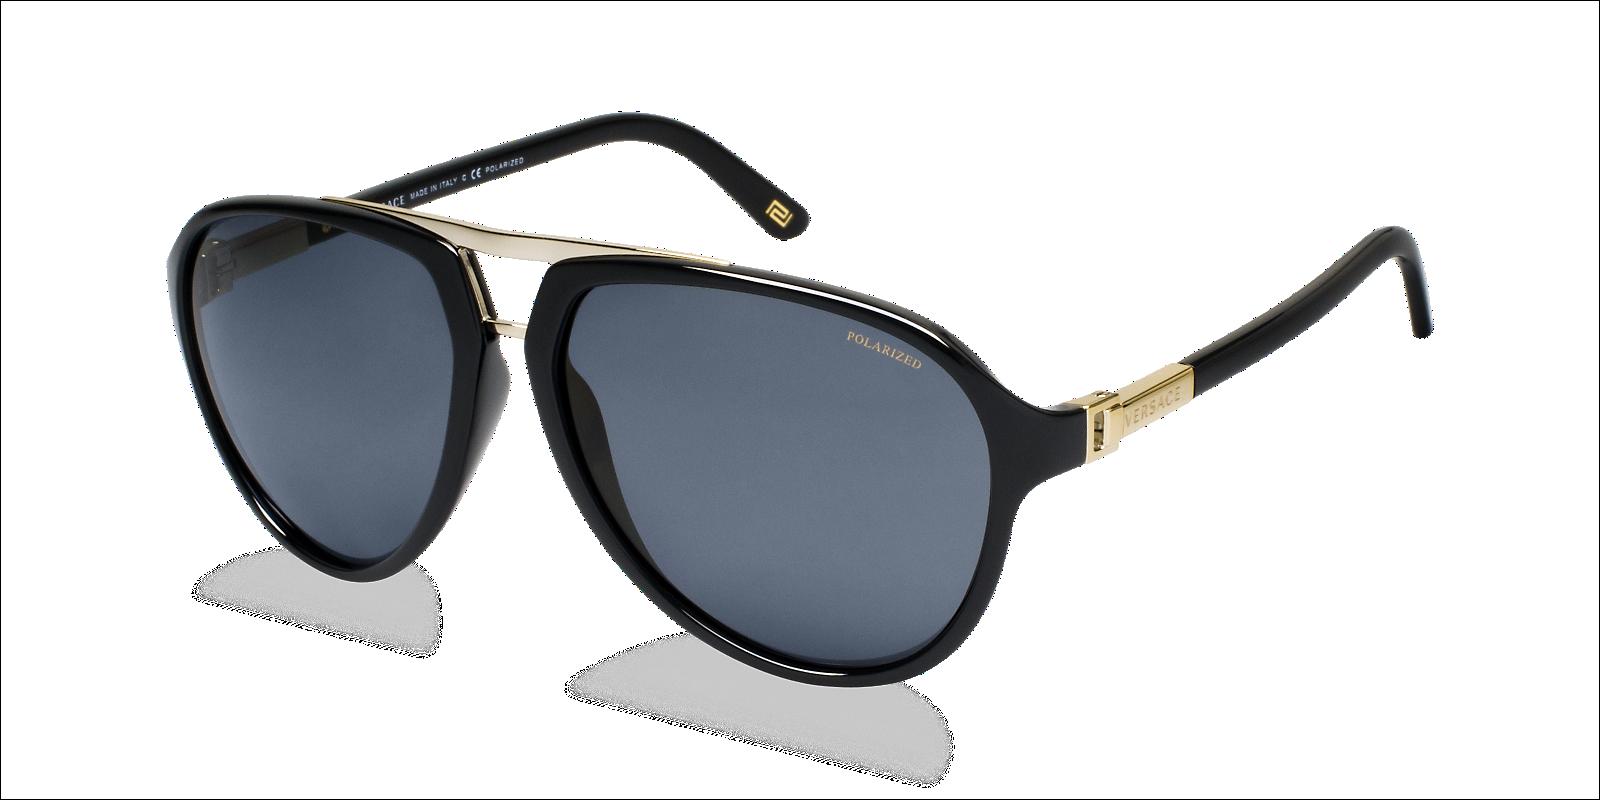 Sunglasses PNG - 4396